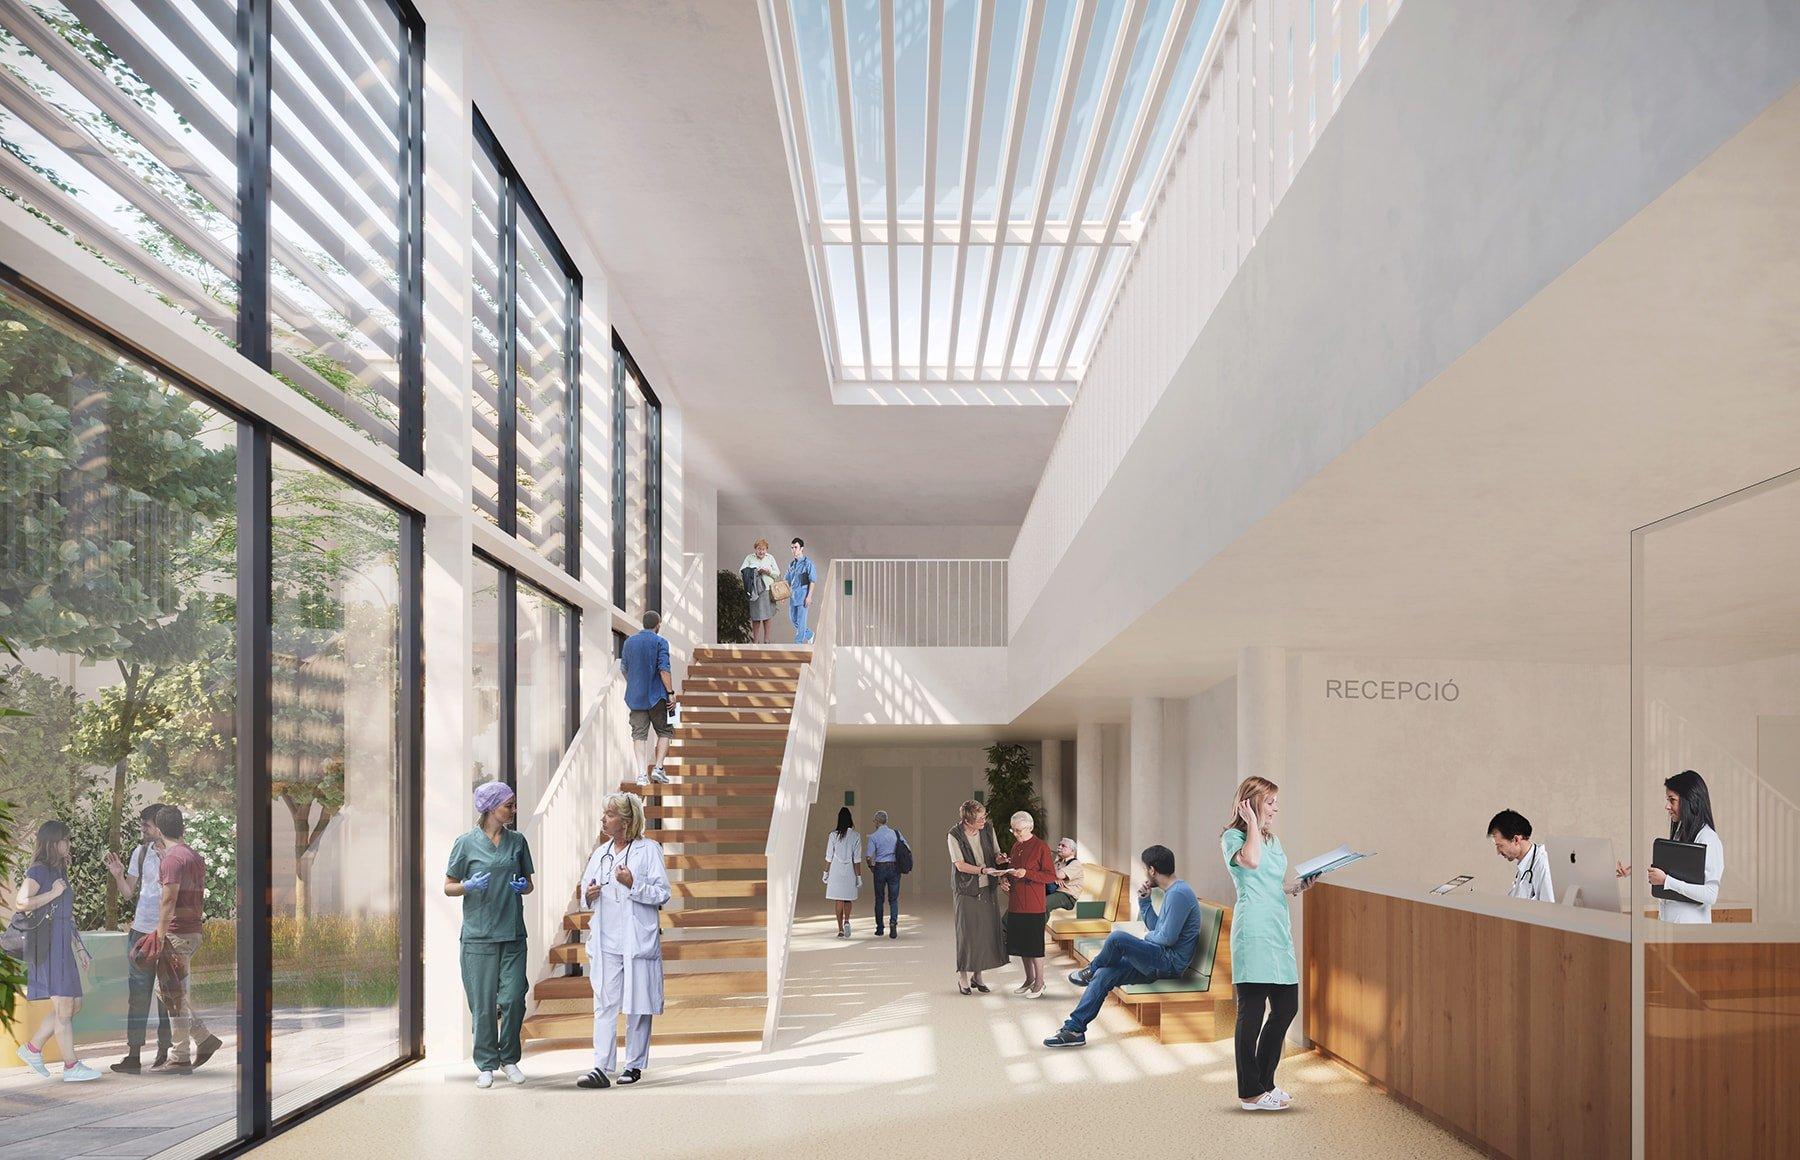 El centro de Salud de Llucmajor unifica la idea de un edificio altamente funcional junto con la calidad de los espacios gracias a la relación directa con el entorno.